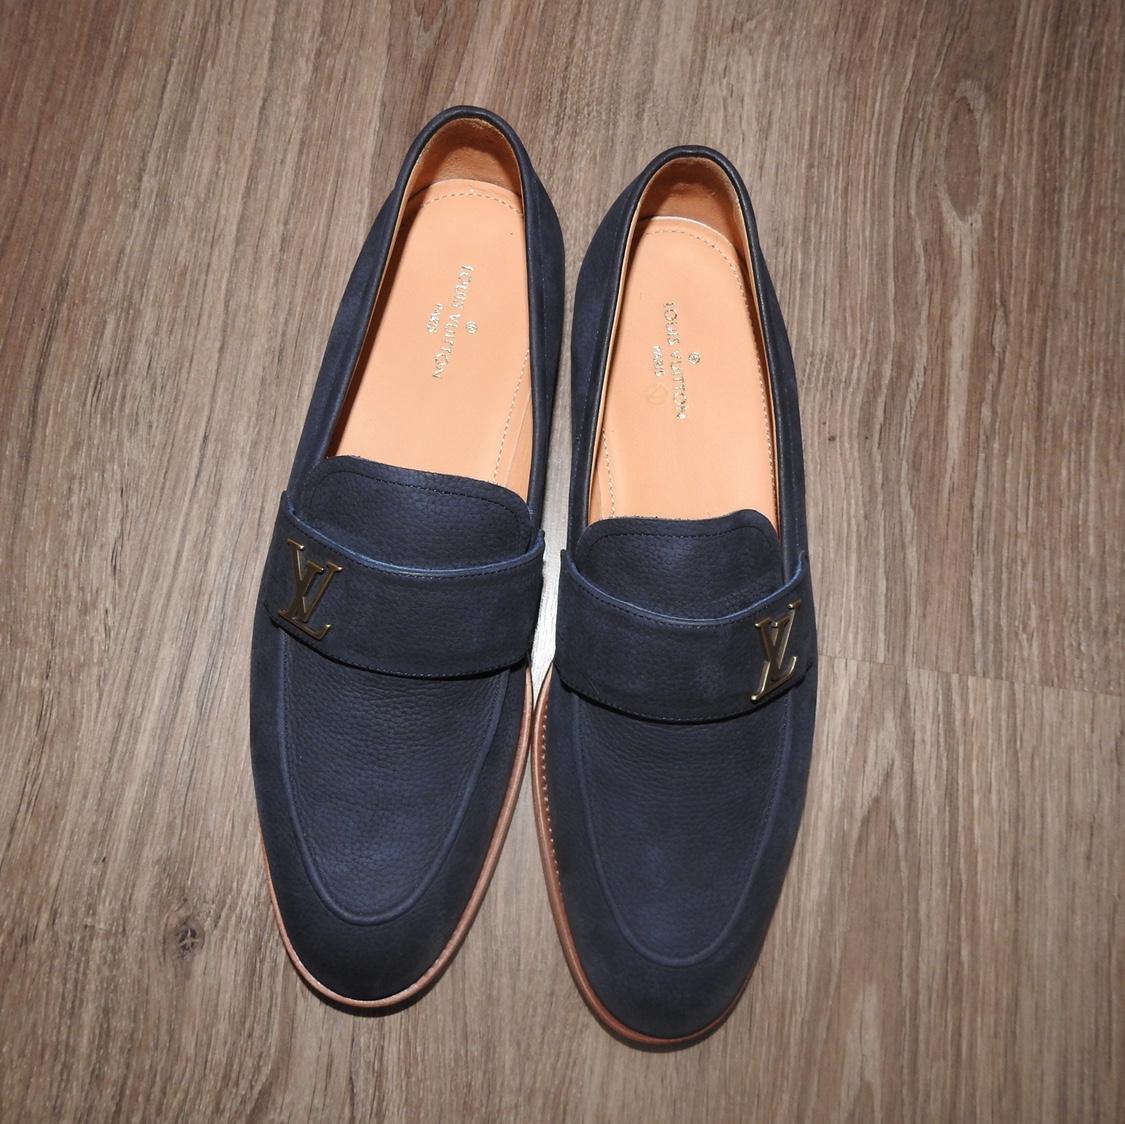 Mẫu giày này có thể kết hợp với nhiều trang phục khác nhau